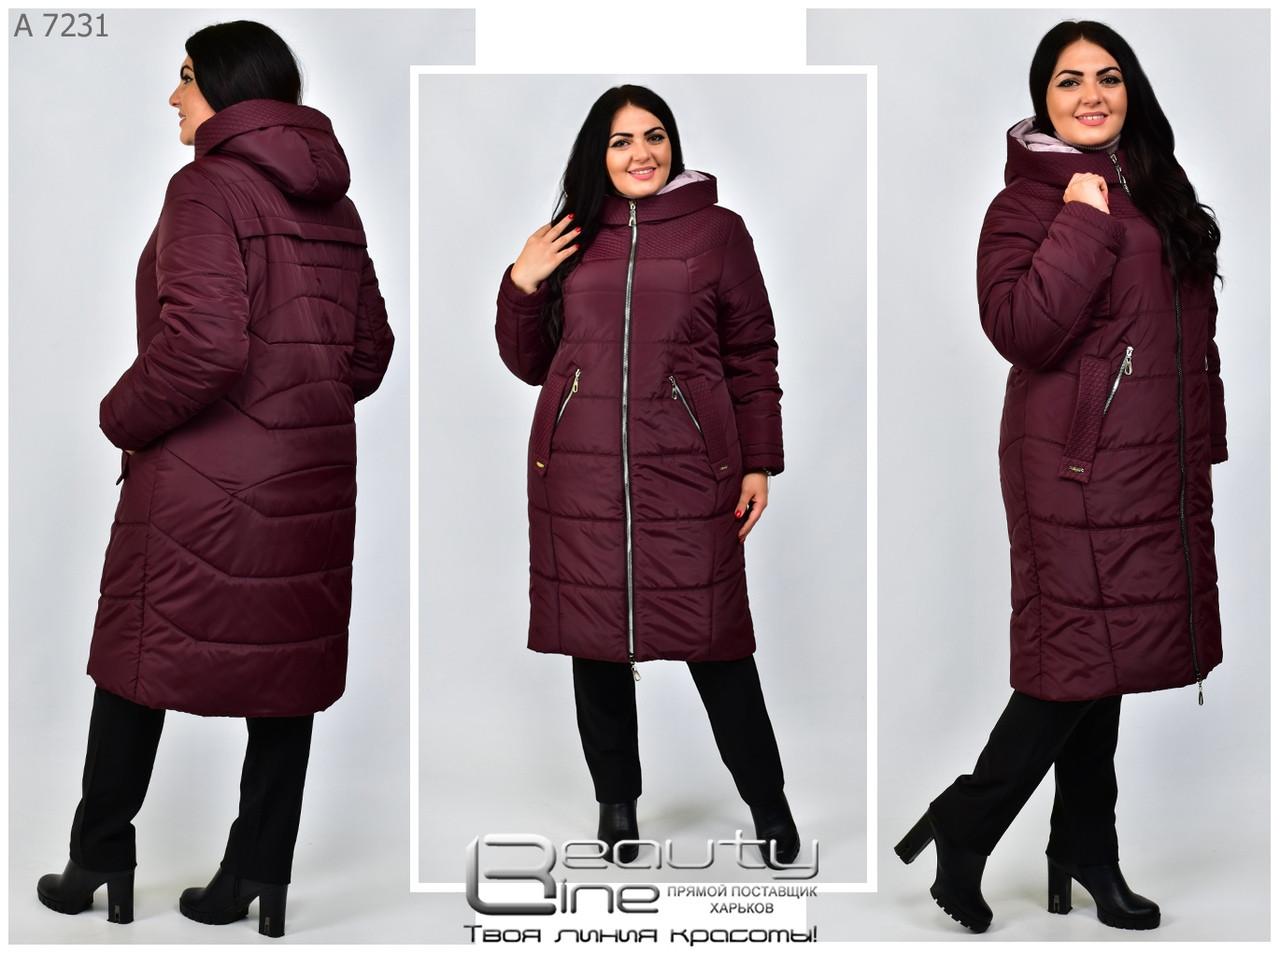 Жіноча осіння куртка Розміри 52.54.56.58,60